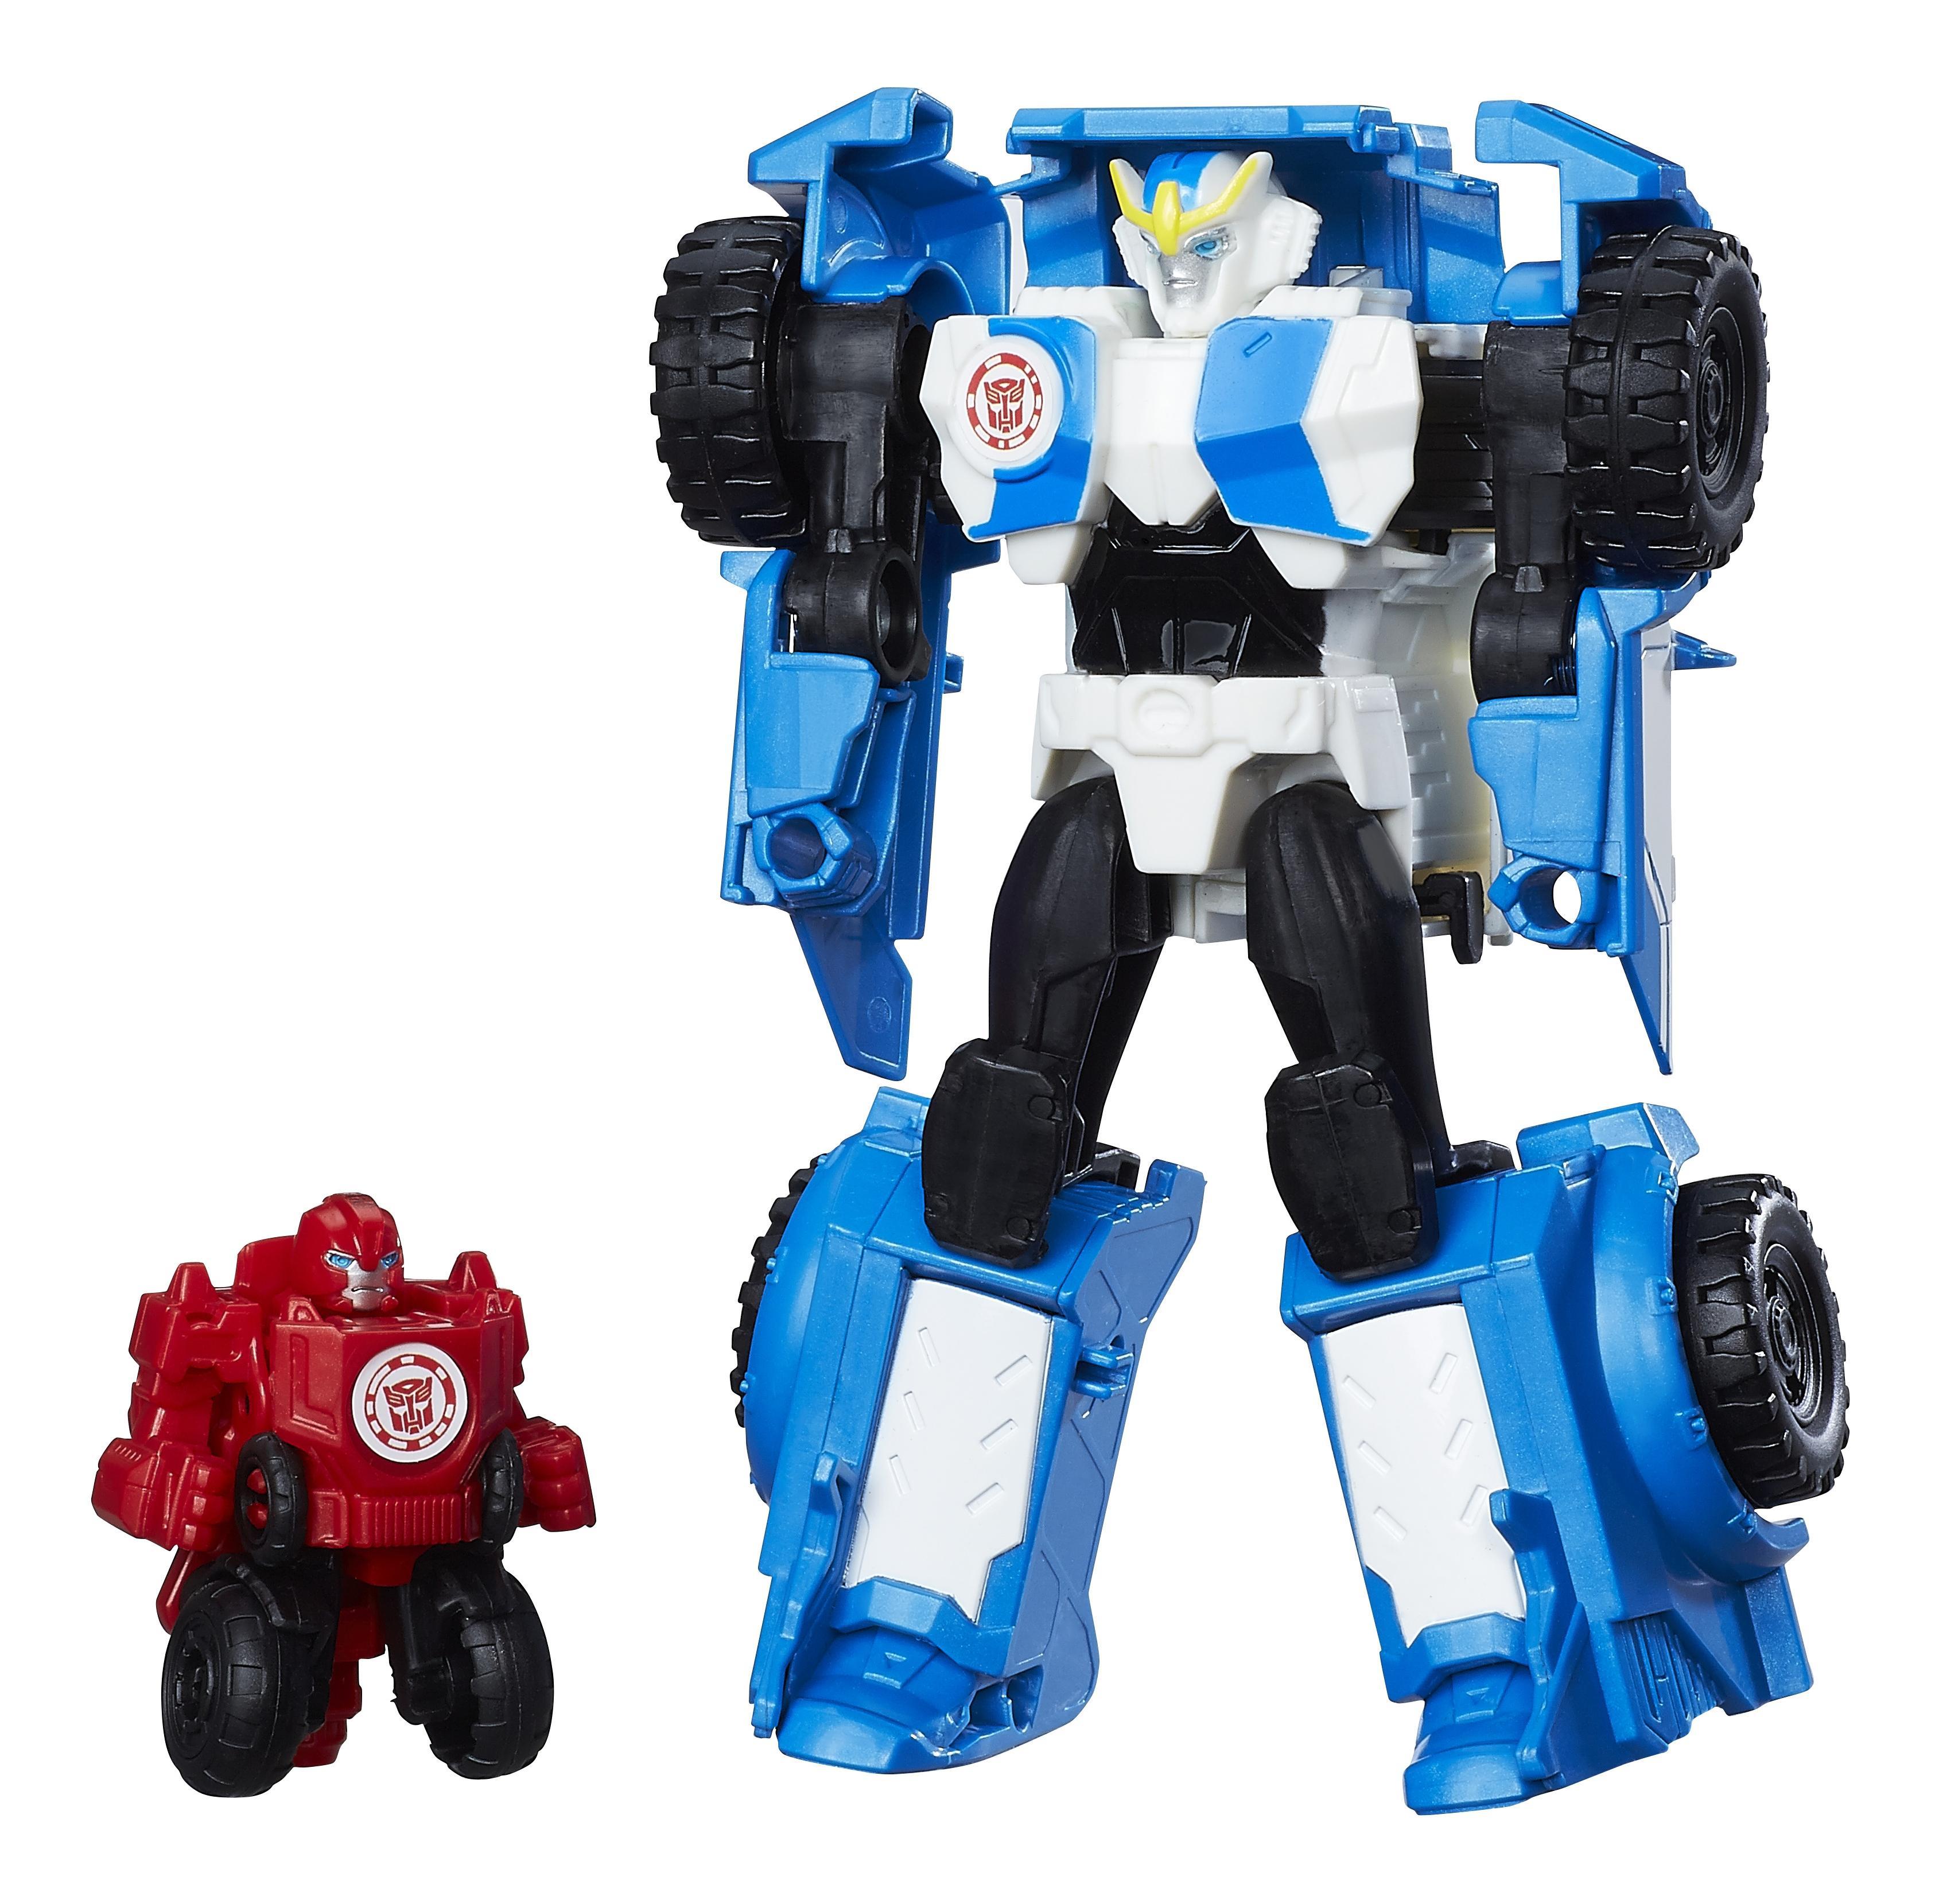 Купить Трансформеры роботы под прикрытием: гирхэд-комбайнер c0653 c0655, Transformers, Игровые фигурки